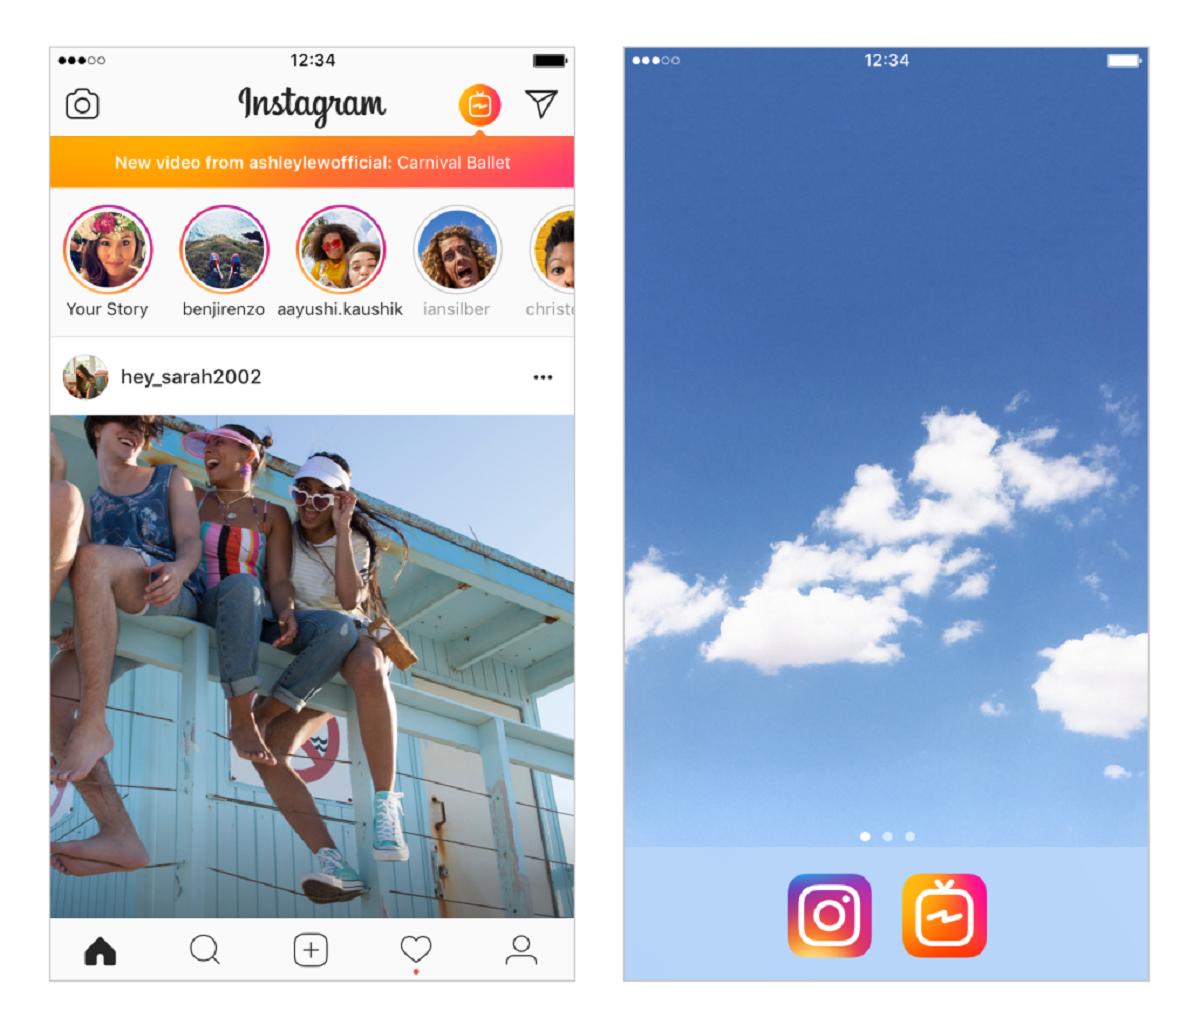 IGTV je samostatná aplikace, s Instagramem však zůstává úzce propojená